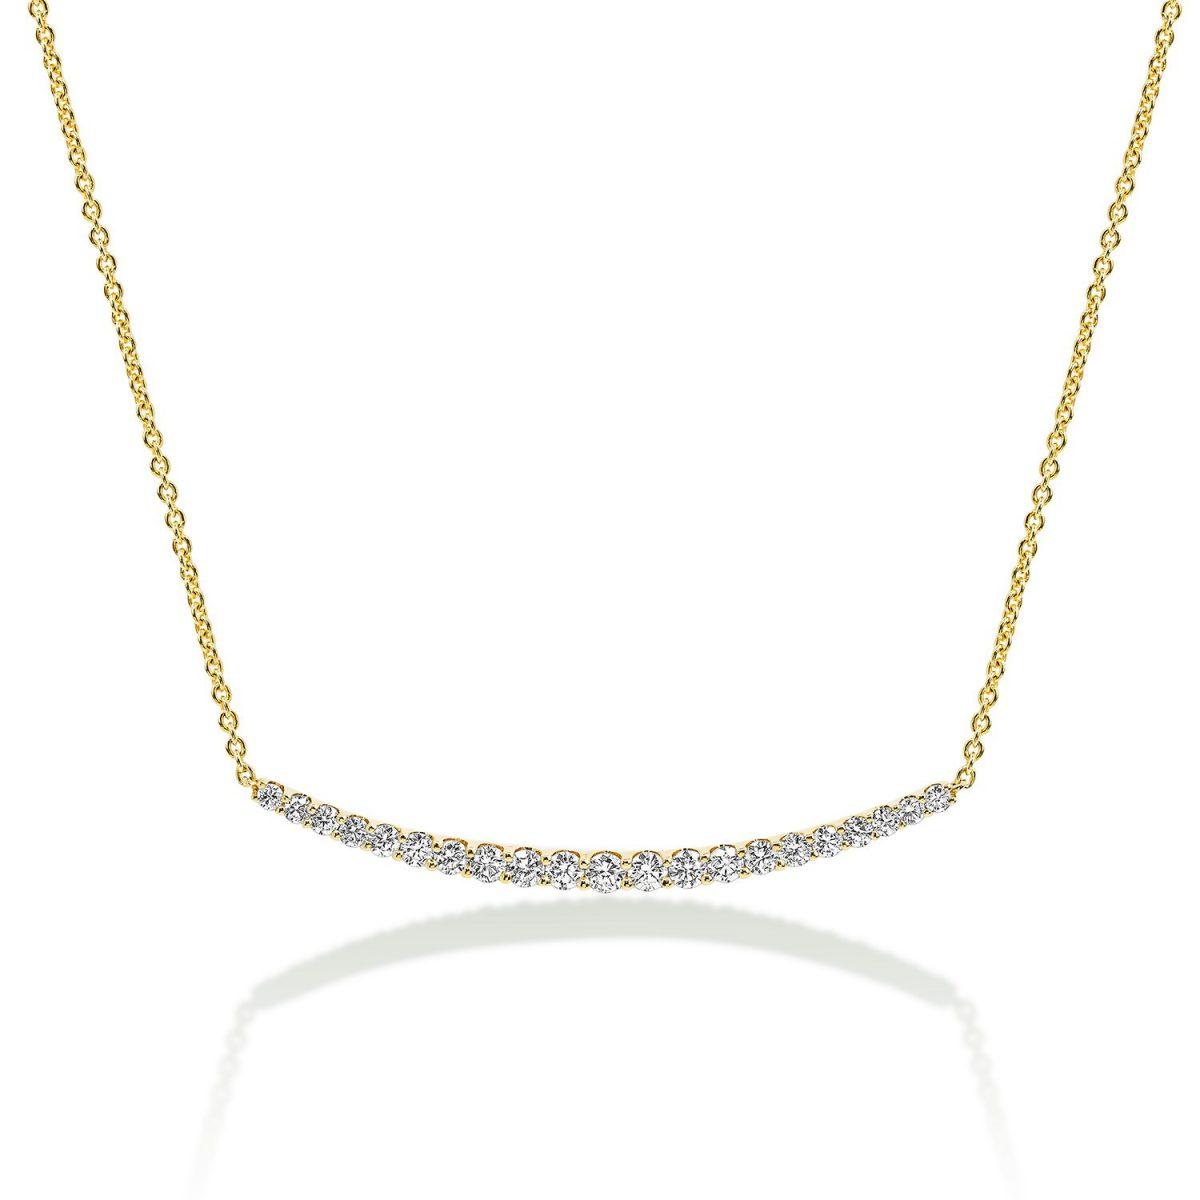 שרשרת יהלומים גרייס - זהב צהוב